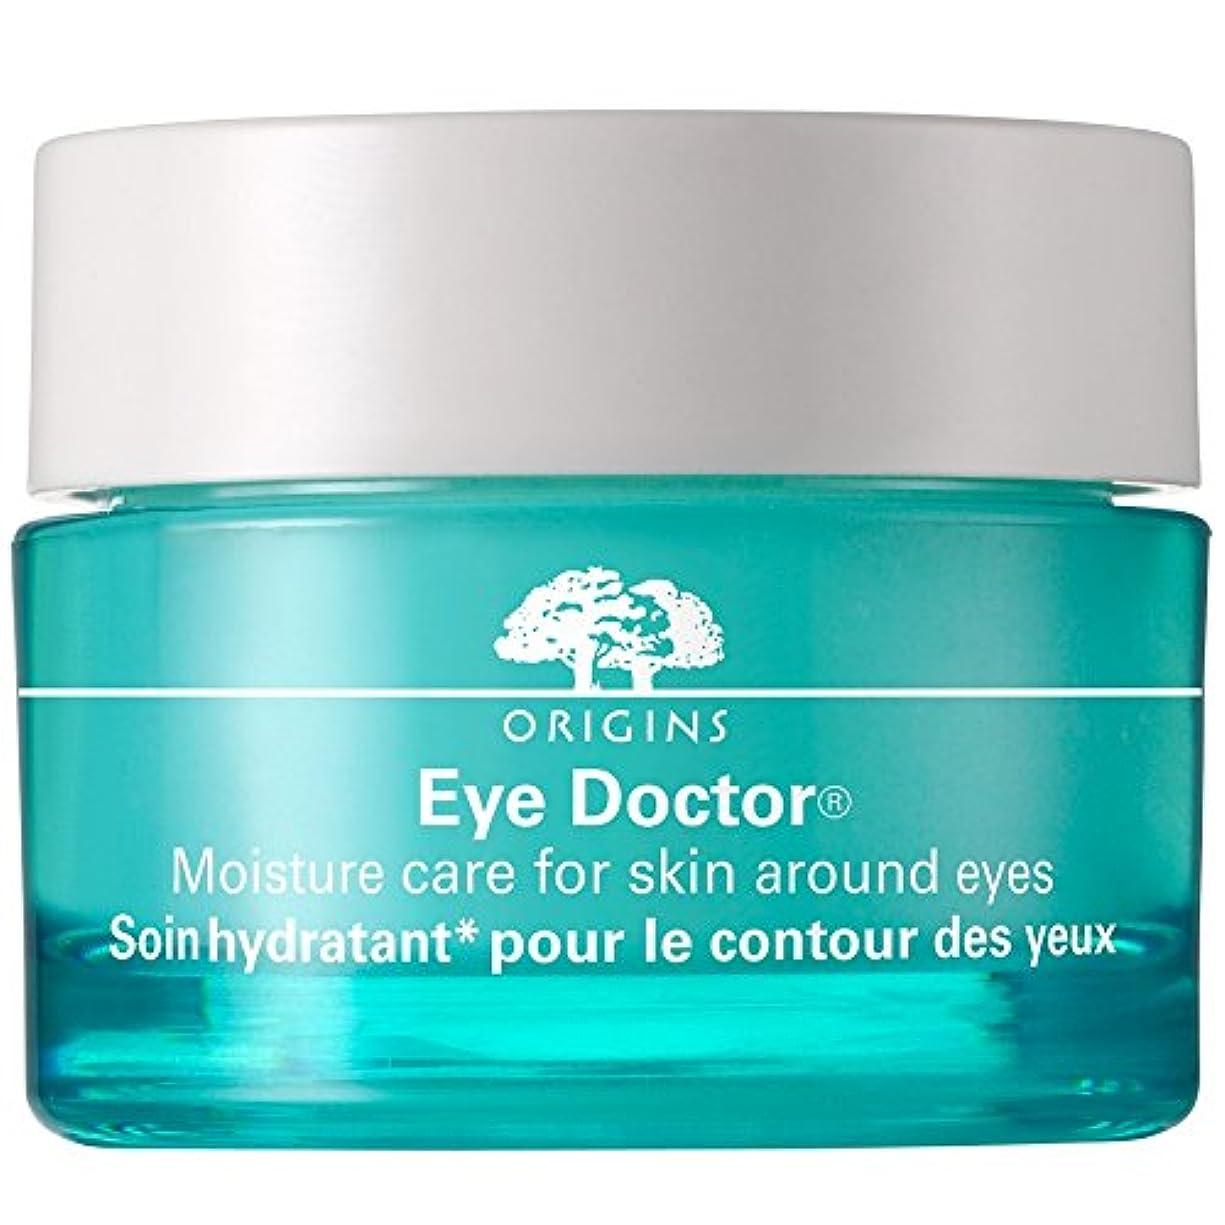 明らかに保存勝利目の15ミリリットルの周りの肌のための水分ケアDoctor?起源目 (Origins) (x6) - Origins Eye Doctor? Moisture Care For Skin Around Eyes 15ml...